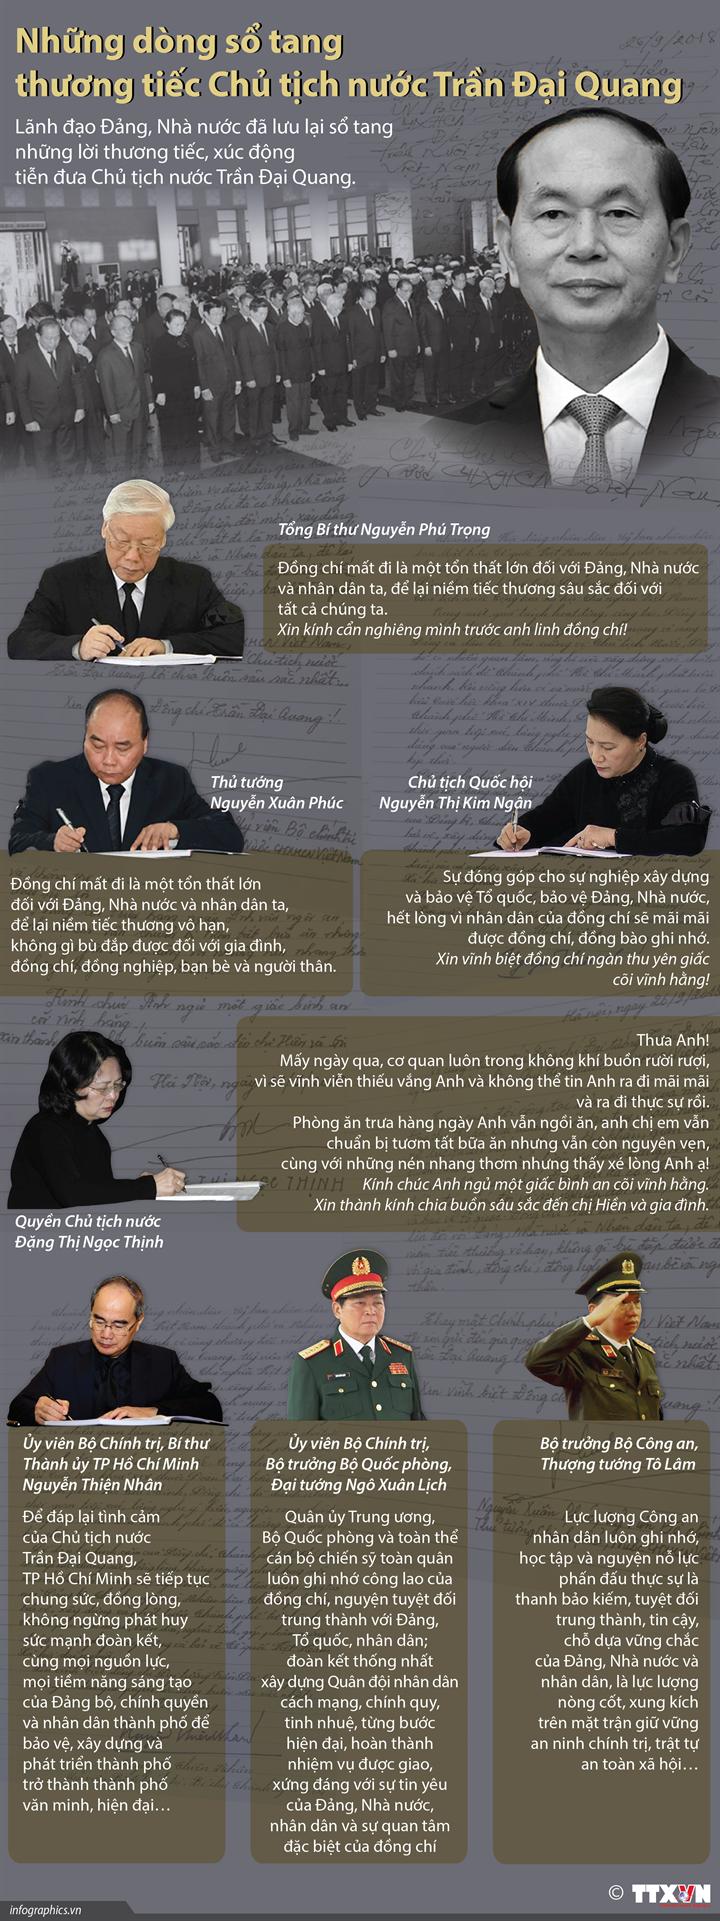 Những dòng sổ tang thương tiếc Chủ tịch Nước Trần Đại Quang